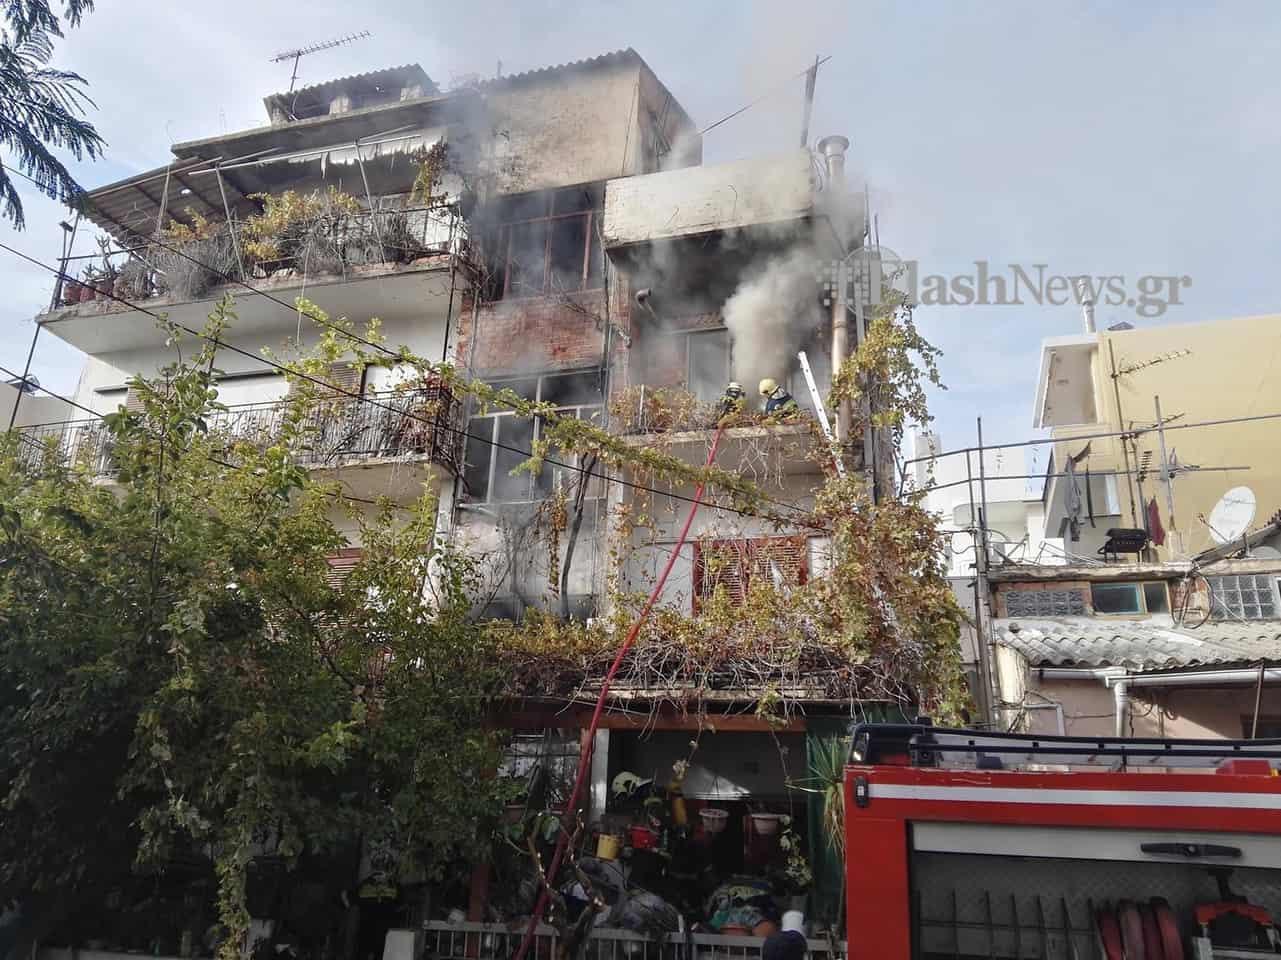 Φωτιά σε σπίτι στην περιοχή της Νέας Χώρας στα Χανιά (φωτο)